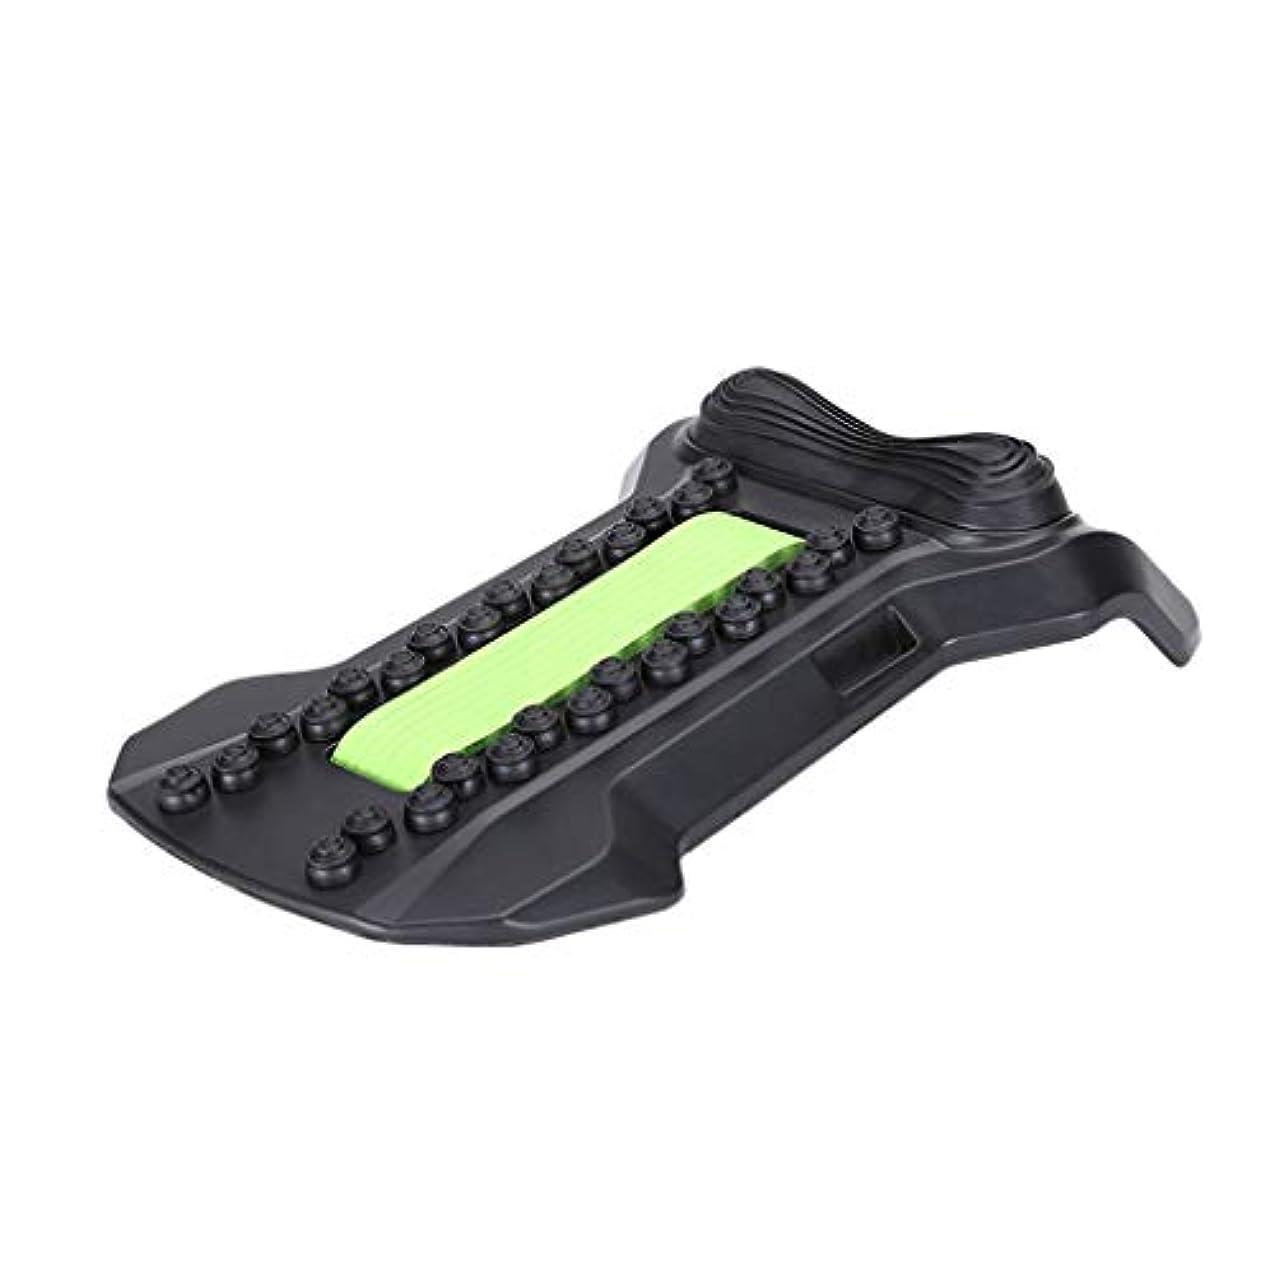 皮リハーサルガイダンス背部マッサージャーの伸張装置、腰椎サポート弛緩の魔法の伸張器の適性の仲間の脊椎の痛みを和らげるカイロプラクター,Green